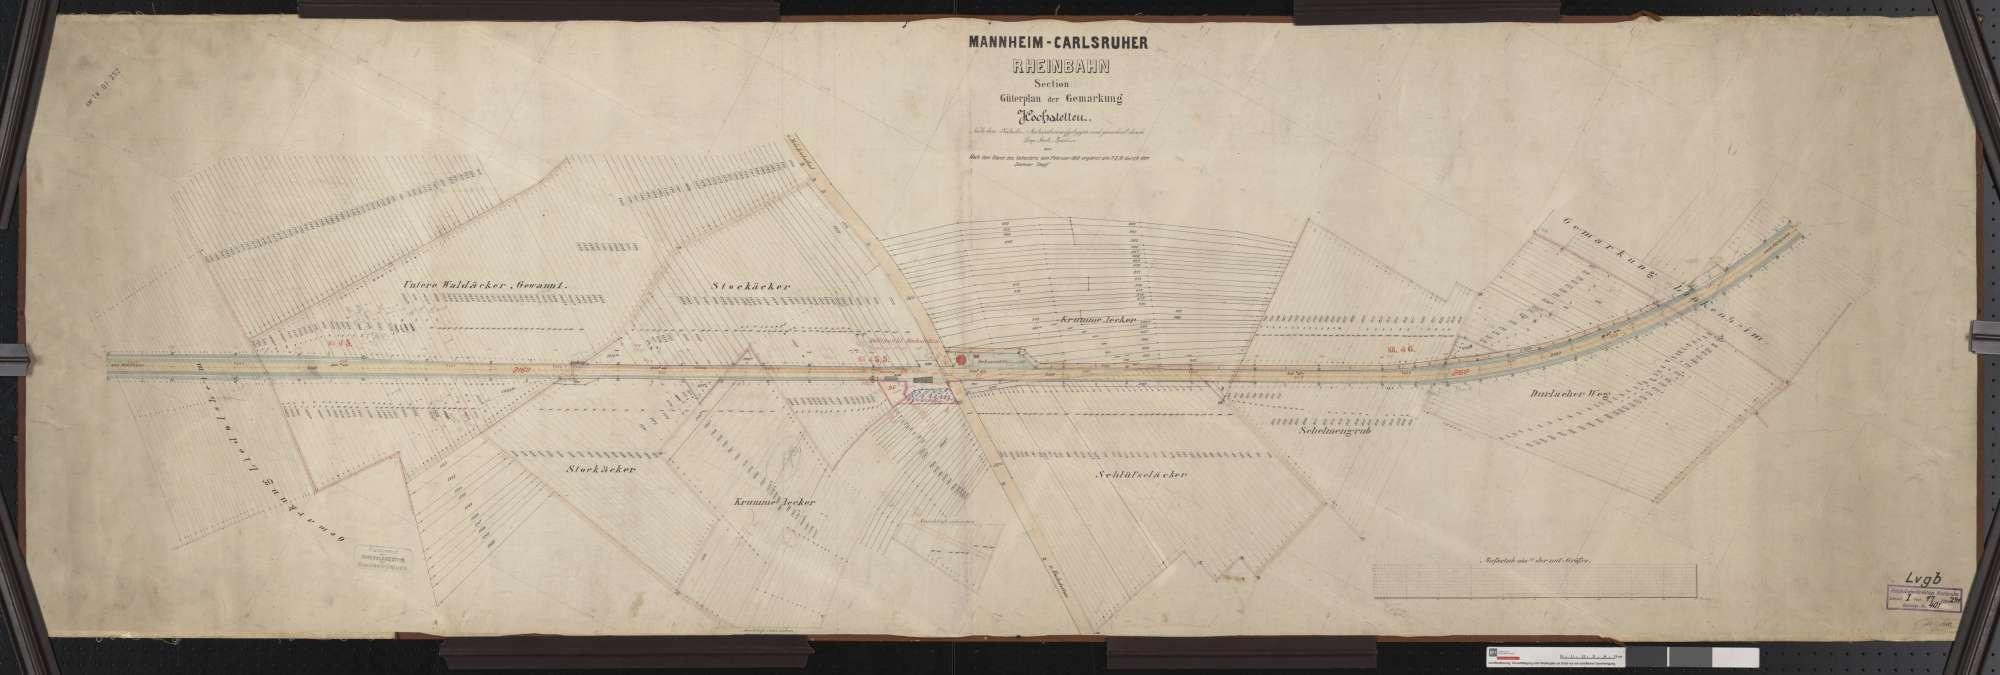 Güterplan der Mannheim-Karlsruher Rheinbahn: Gemarkung Hochstetten Streckenausschnitt: 44,8 bis 46,4 km, Bild 1